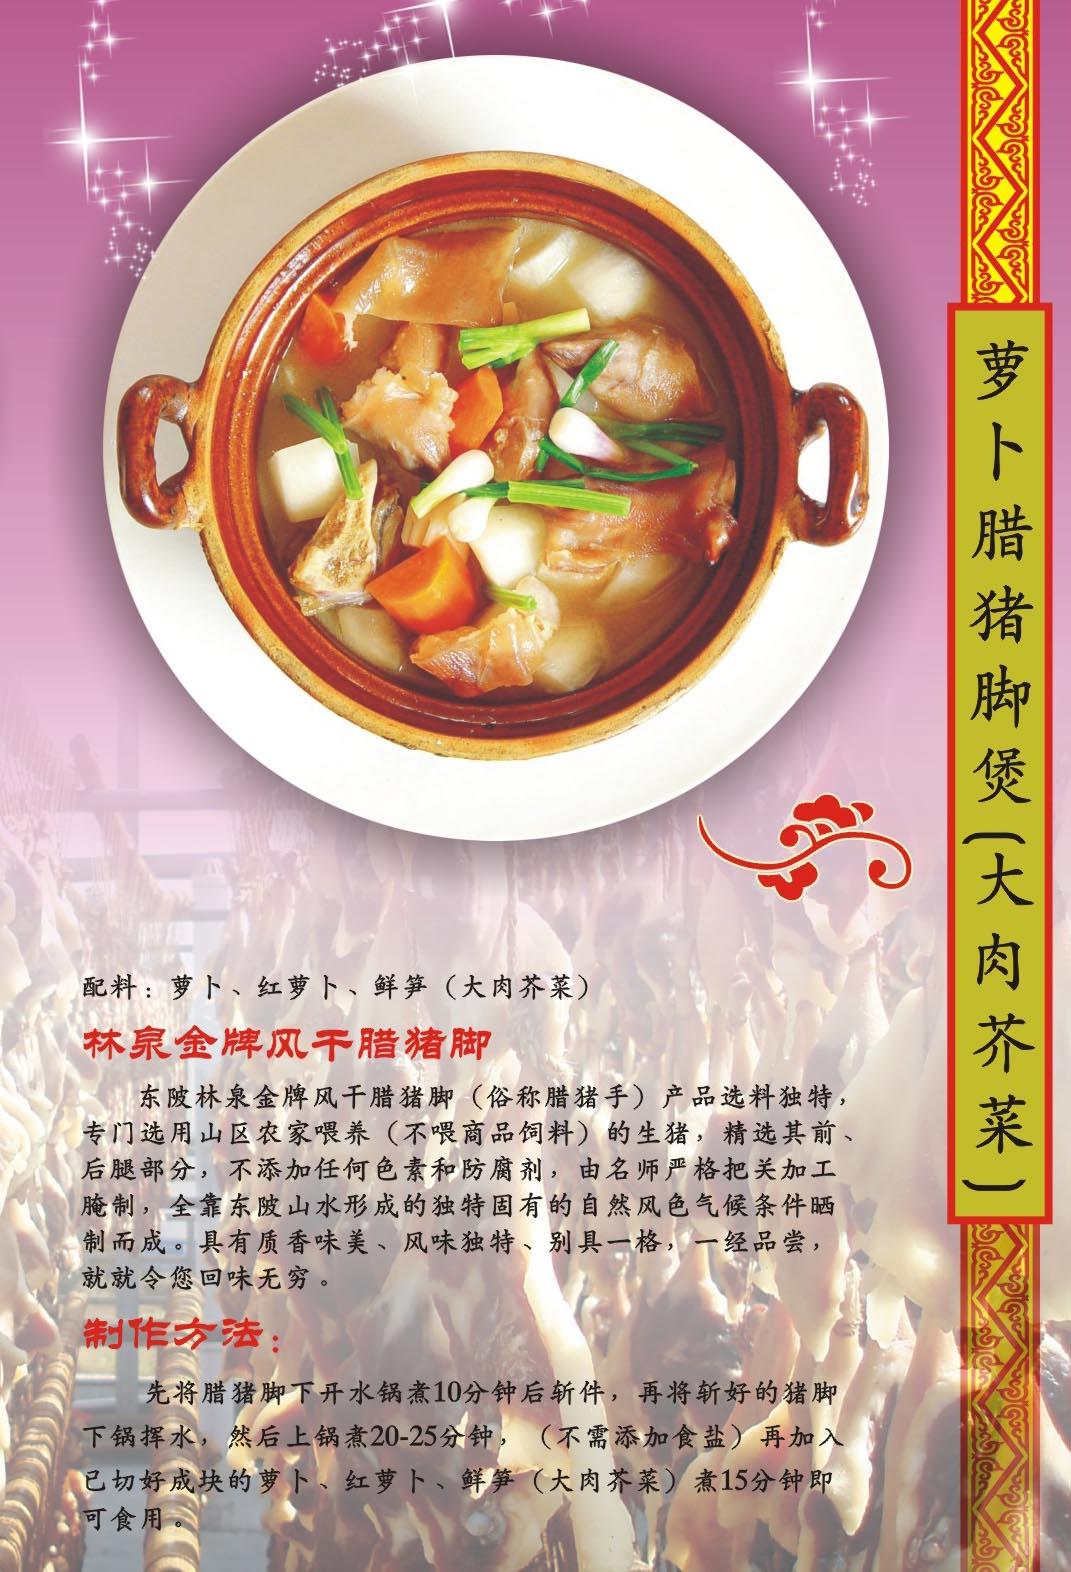 罗卜腊猪脚煲(大肉芥菜)